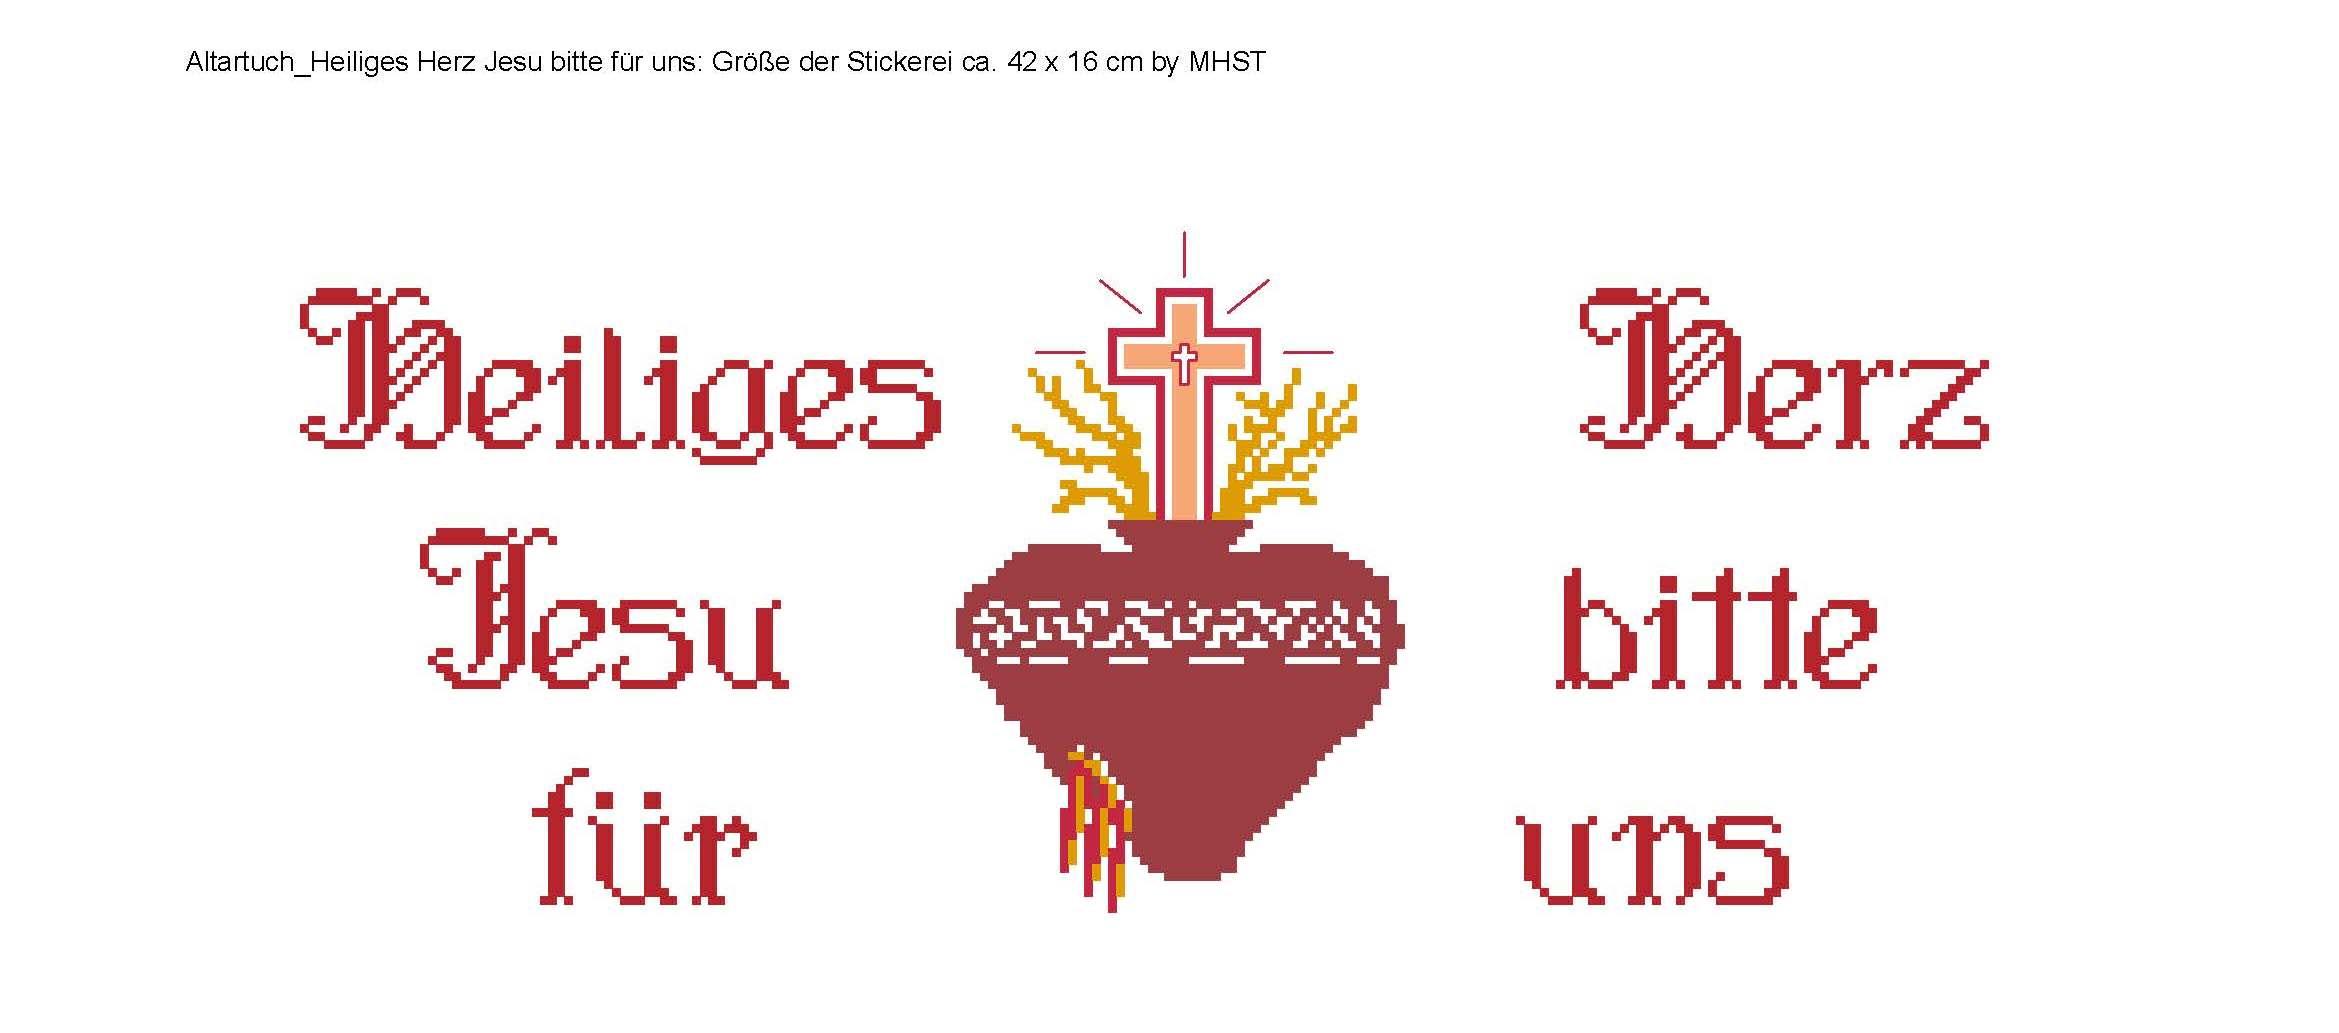 Altartuch - Heiliges Herz Jesu